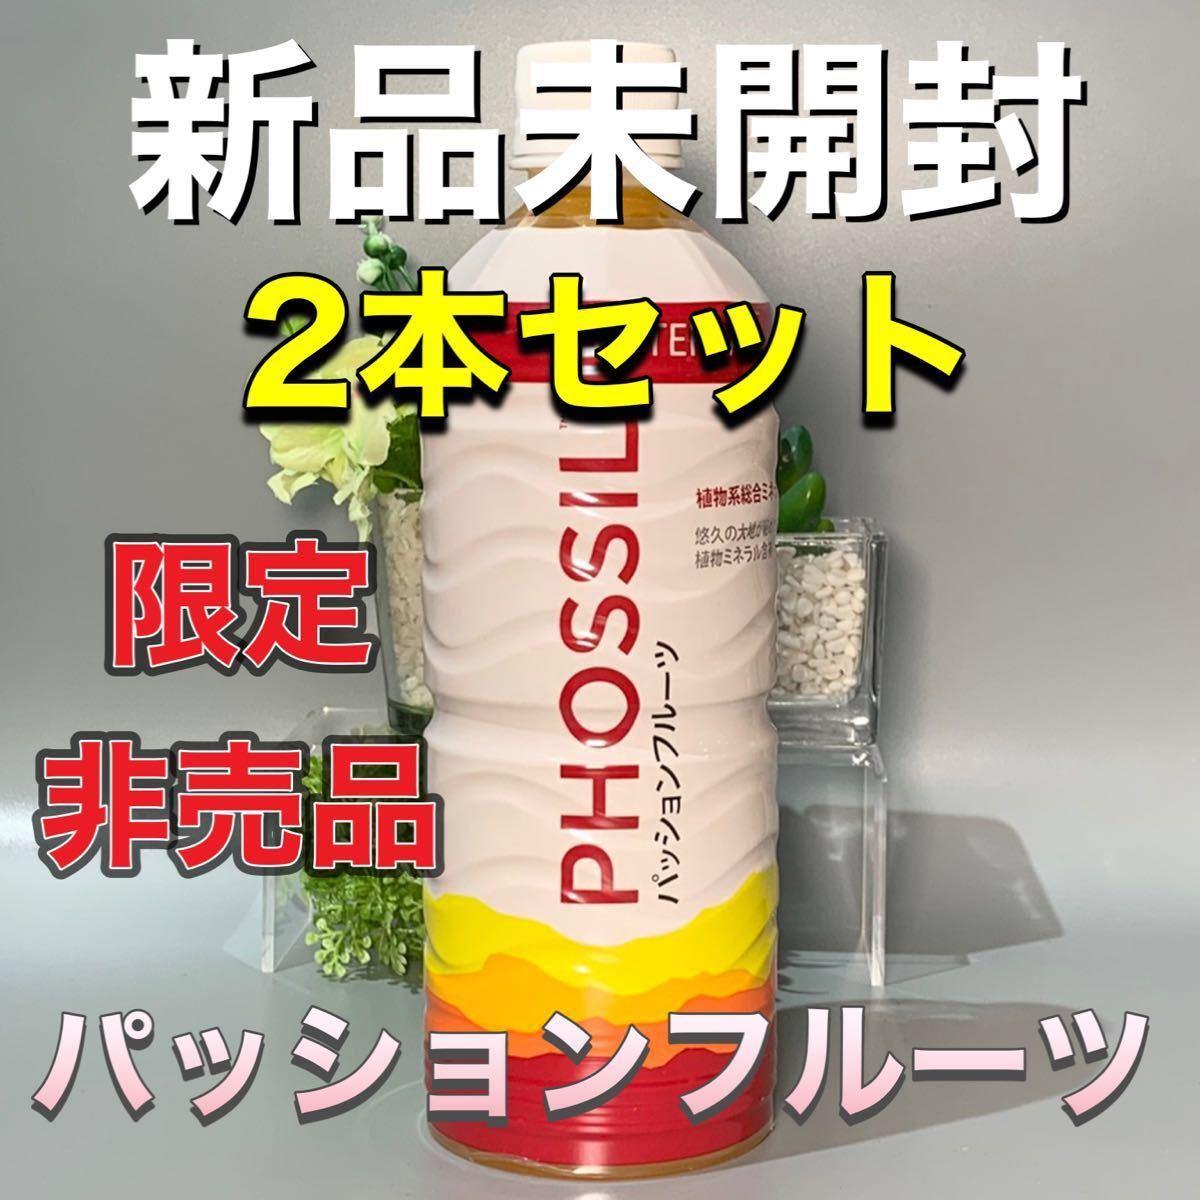 あきら 様専用ページ/ドテラ